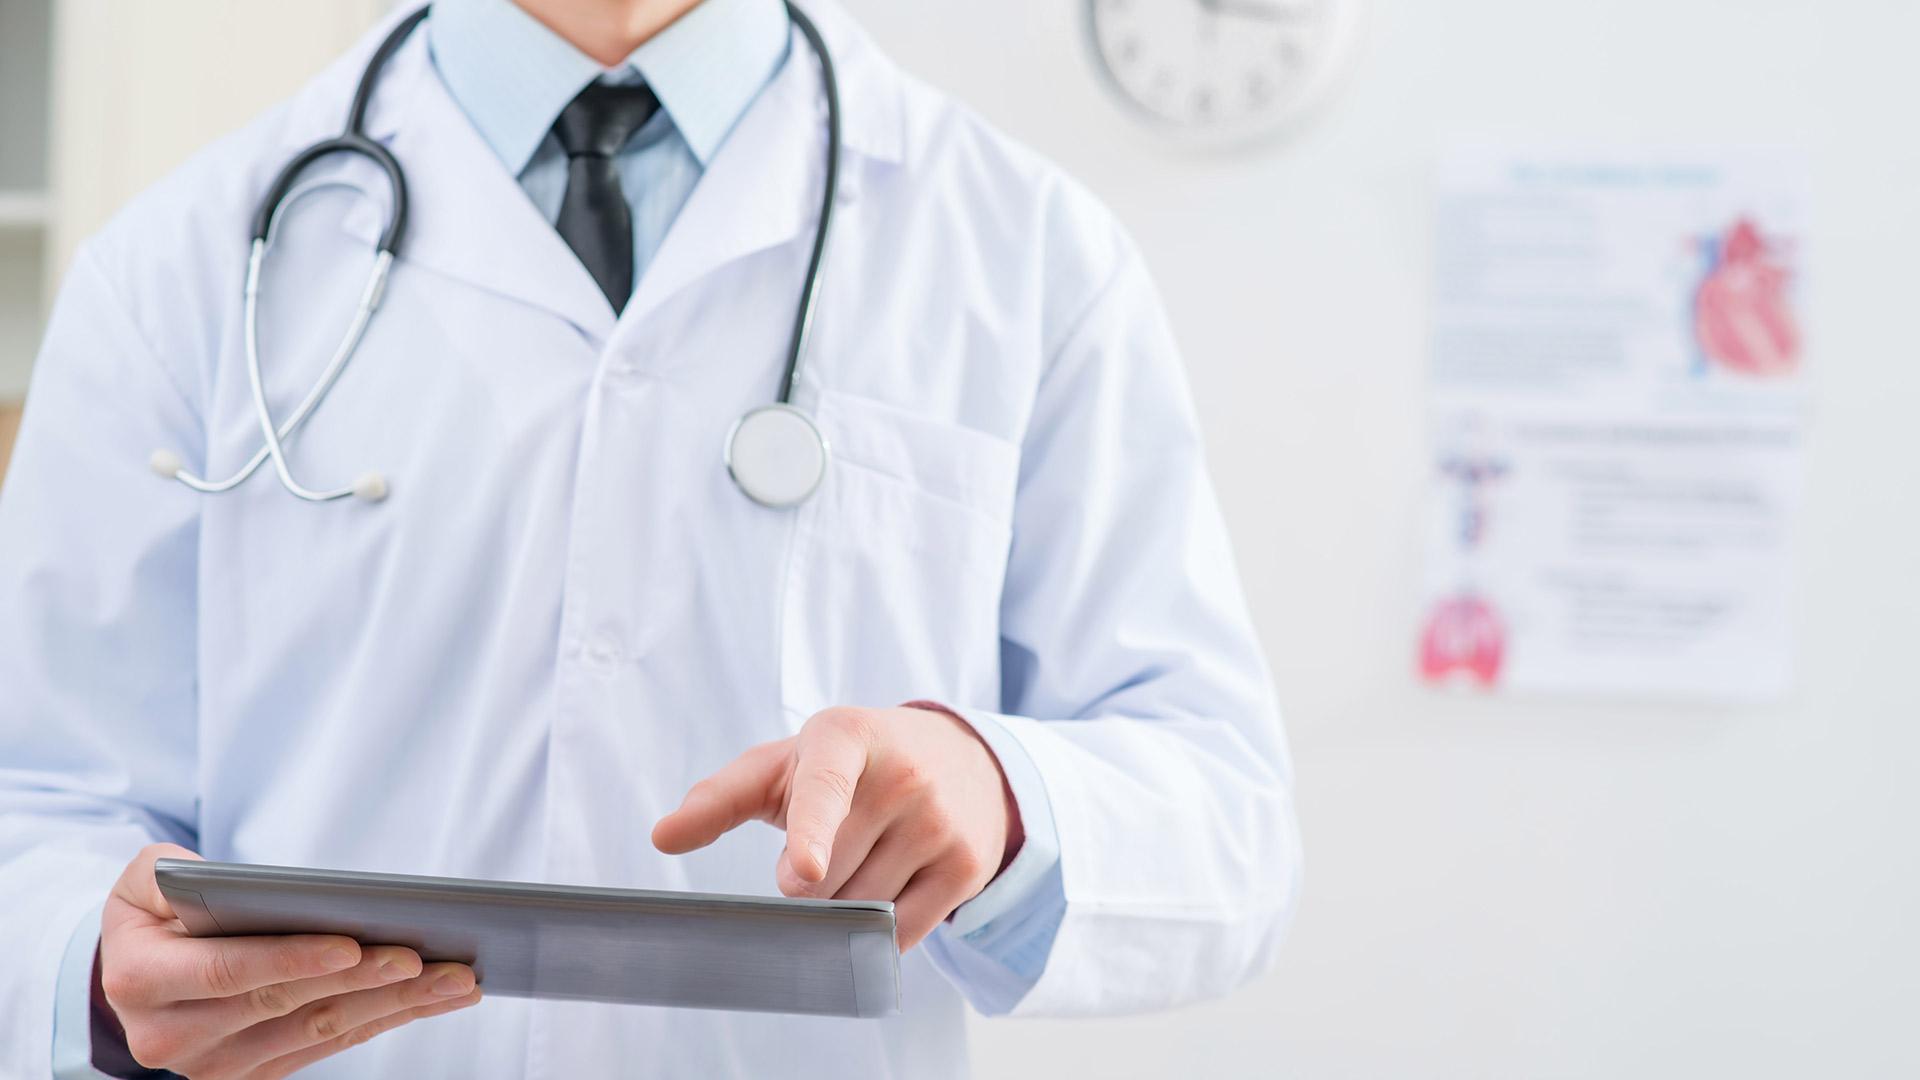 Occupational medicine consultant